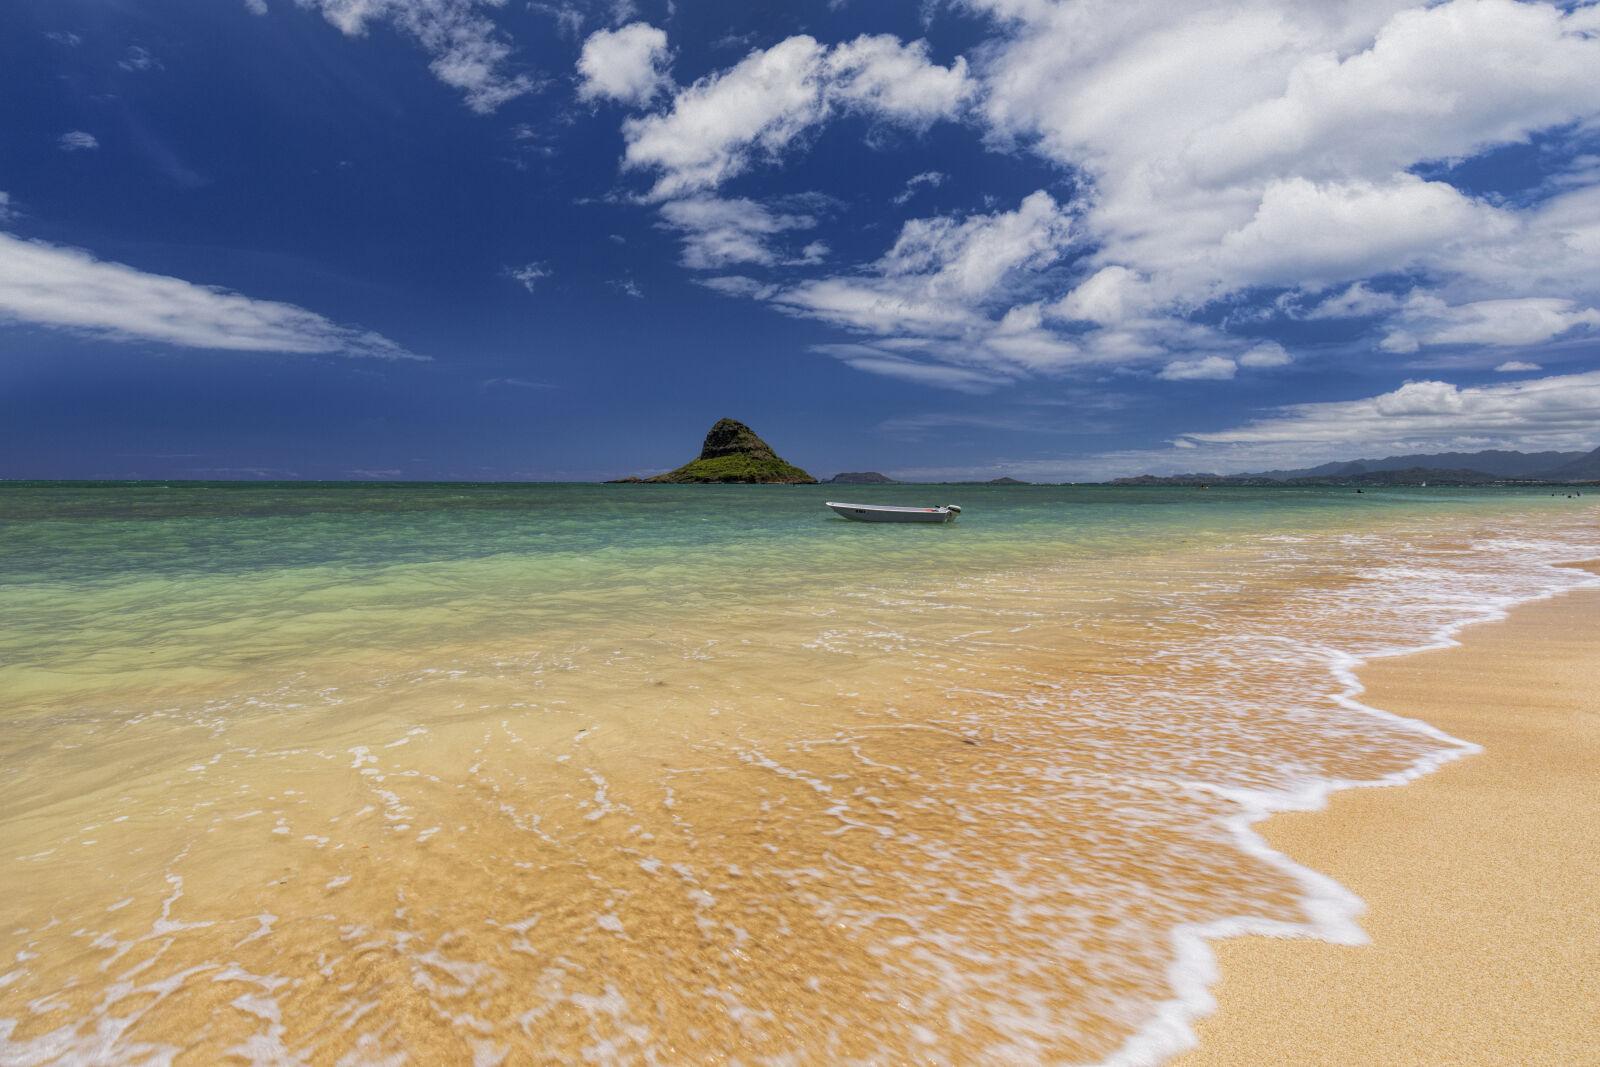 """Canon EOS 5D Mark IV sample photo. """"Beach, blue, sky, island"""" photography"""